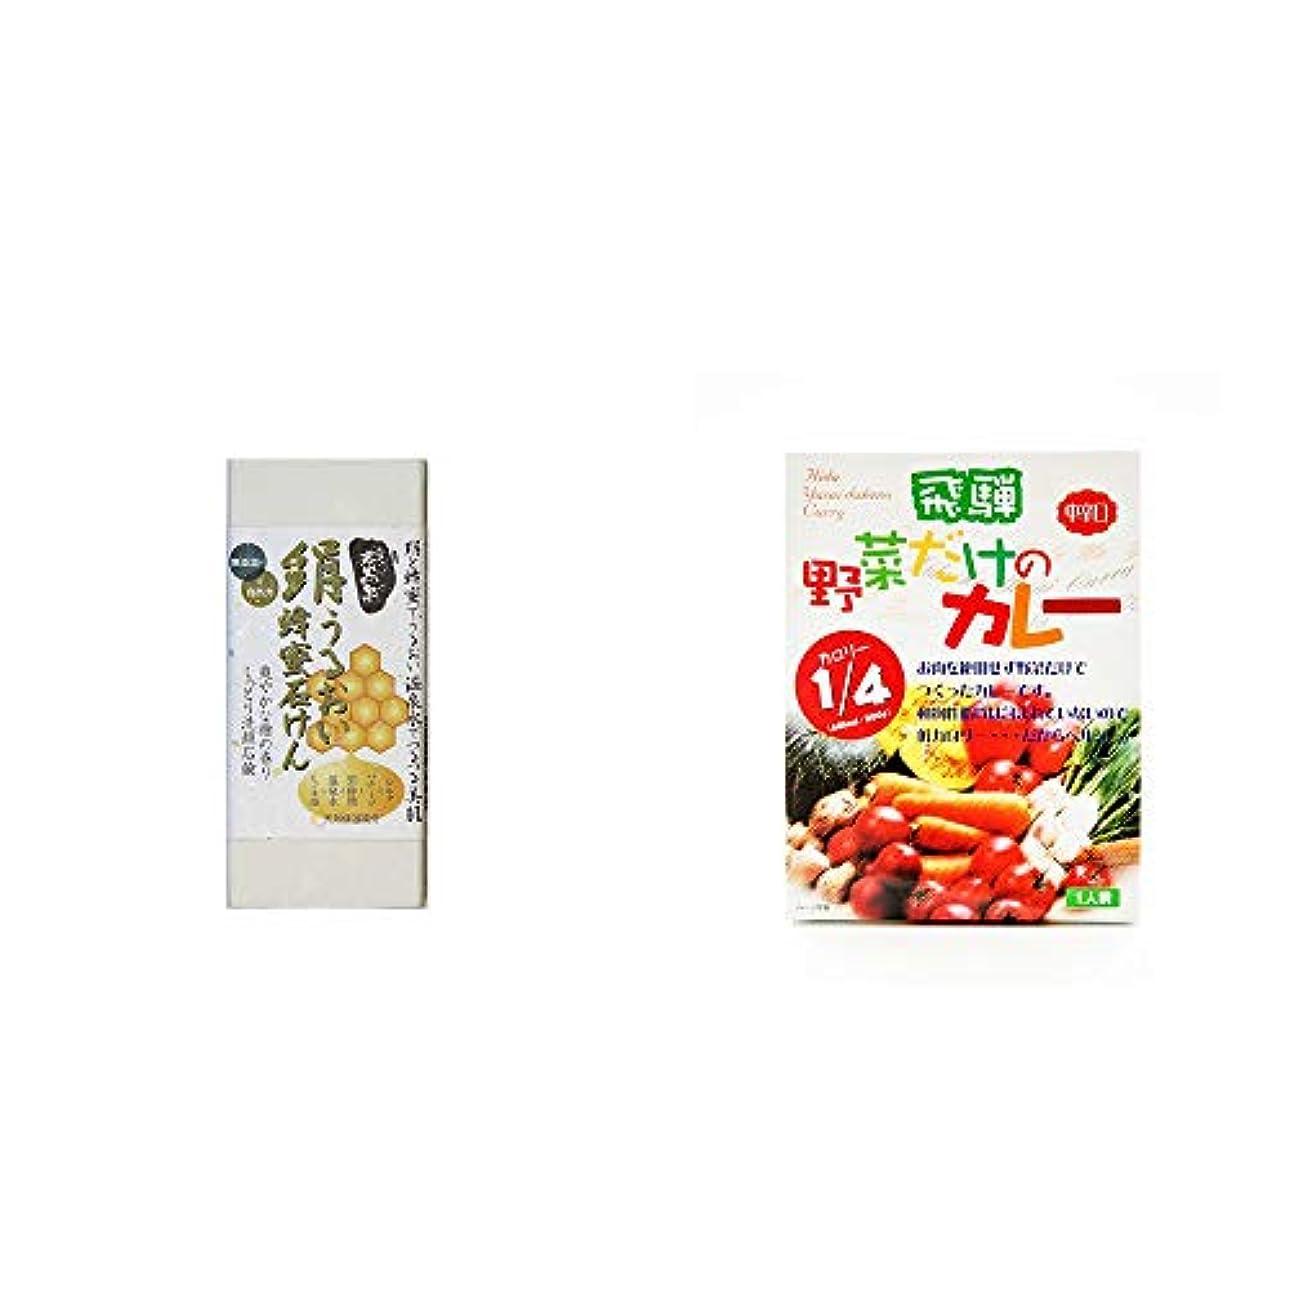 規模ワームバーガー[2点セット] ひのき炭黒泉 絹うるおい蜂蜜石けん(75g×2)?天領食品 野菜だけのカレー 【中辛口】 (1食分)